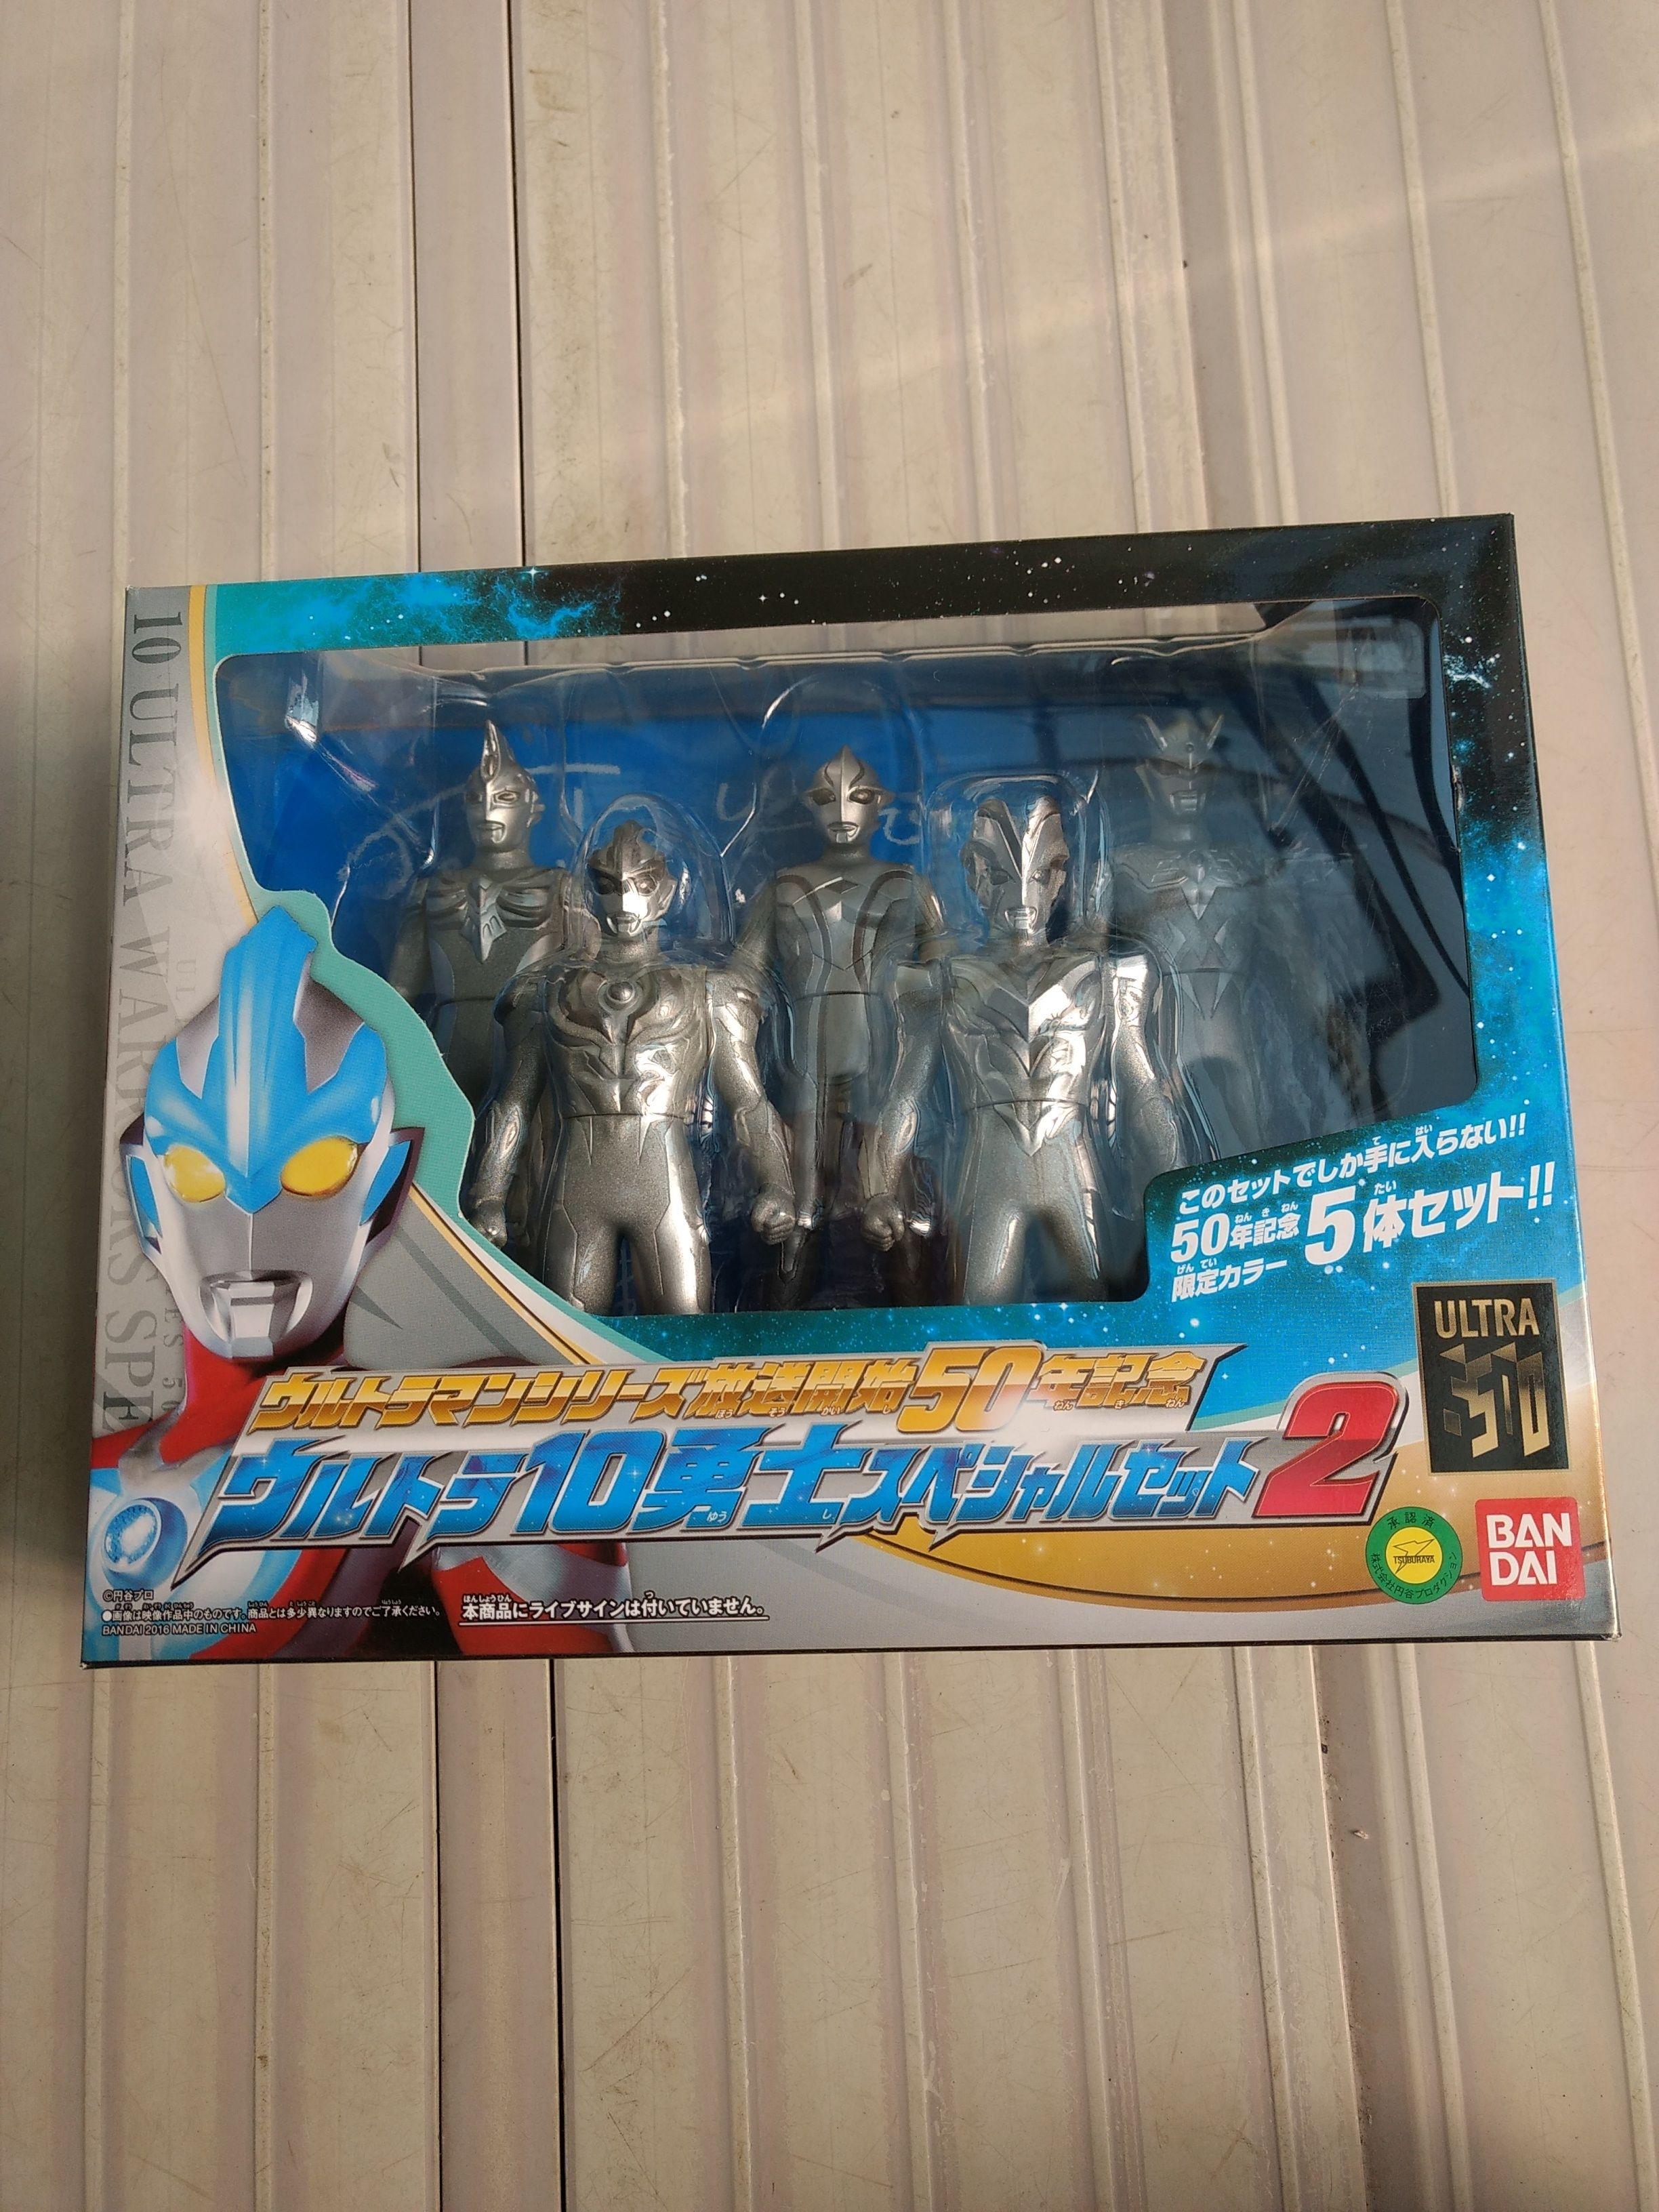 ウルトラ10勇士スペシャルセット2 フィギャア バンダイ